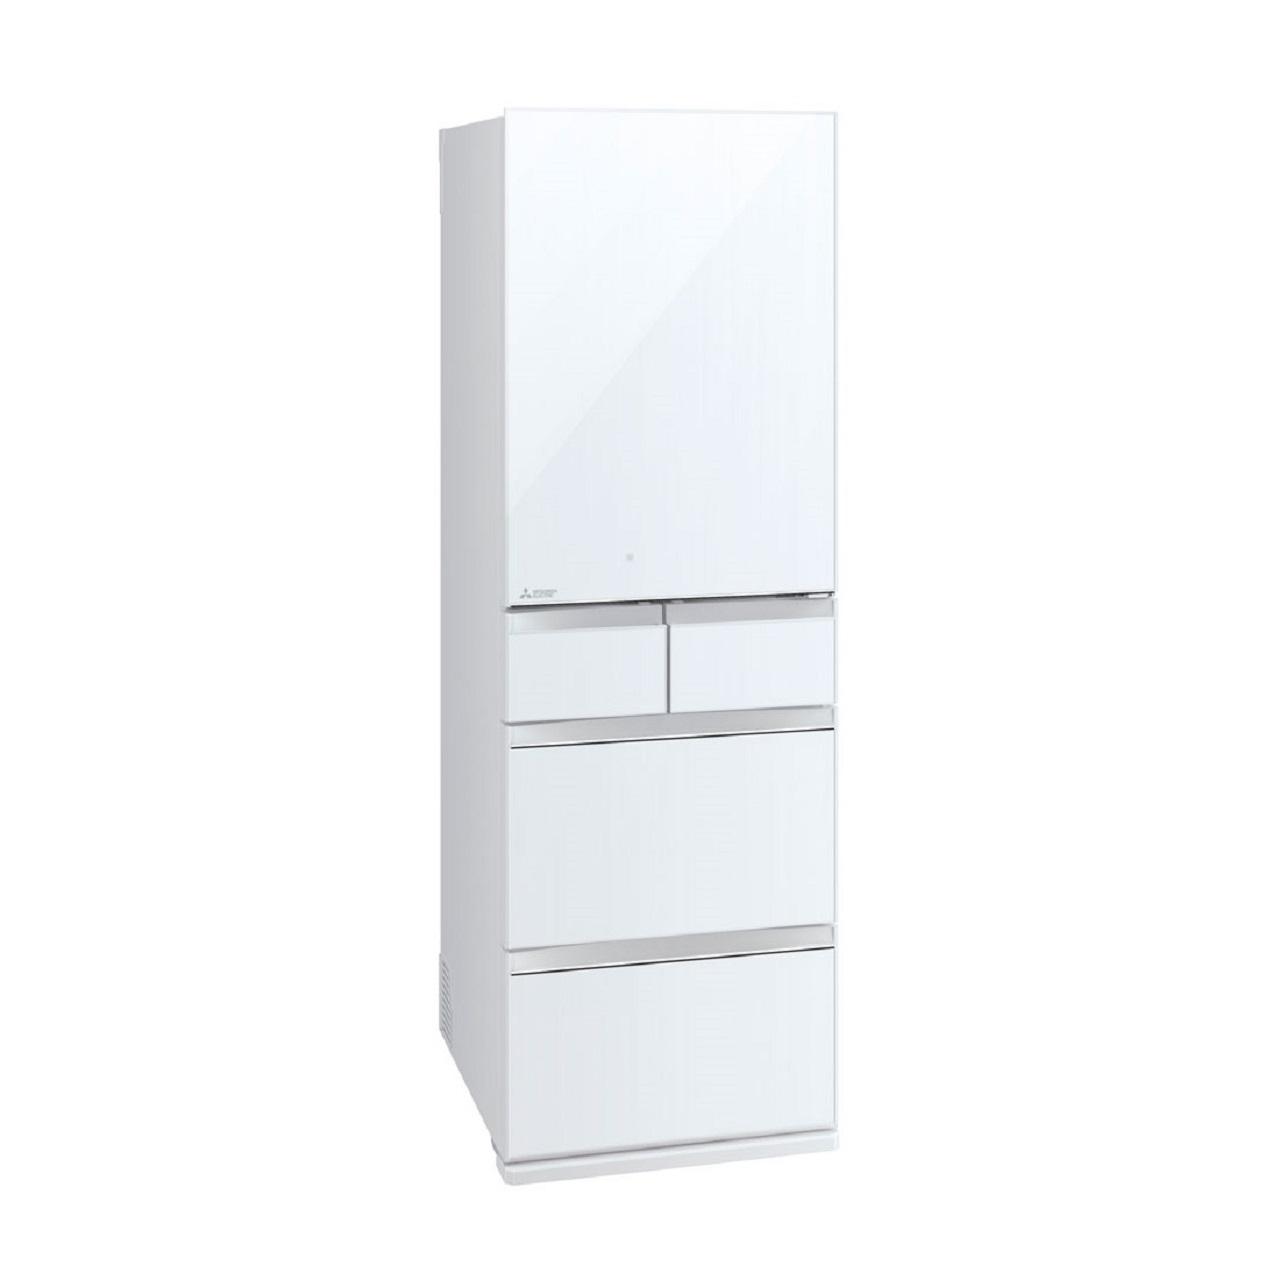 三菱 置けるスマート大容量MBシリーズMR-MB45F冷蔵庫